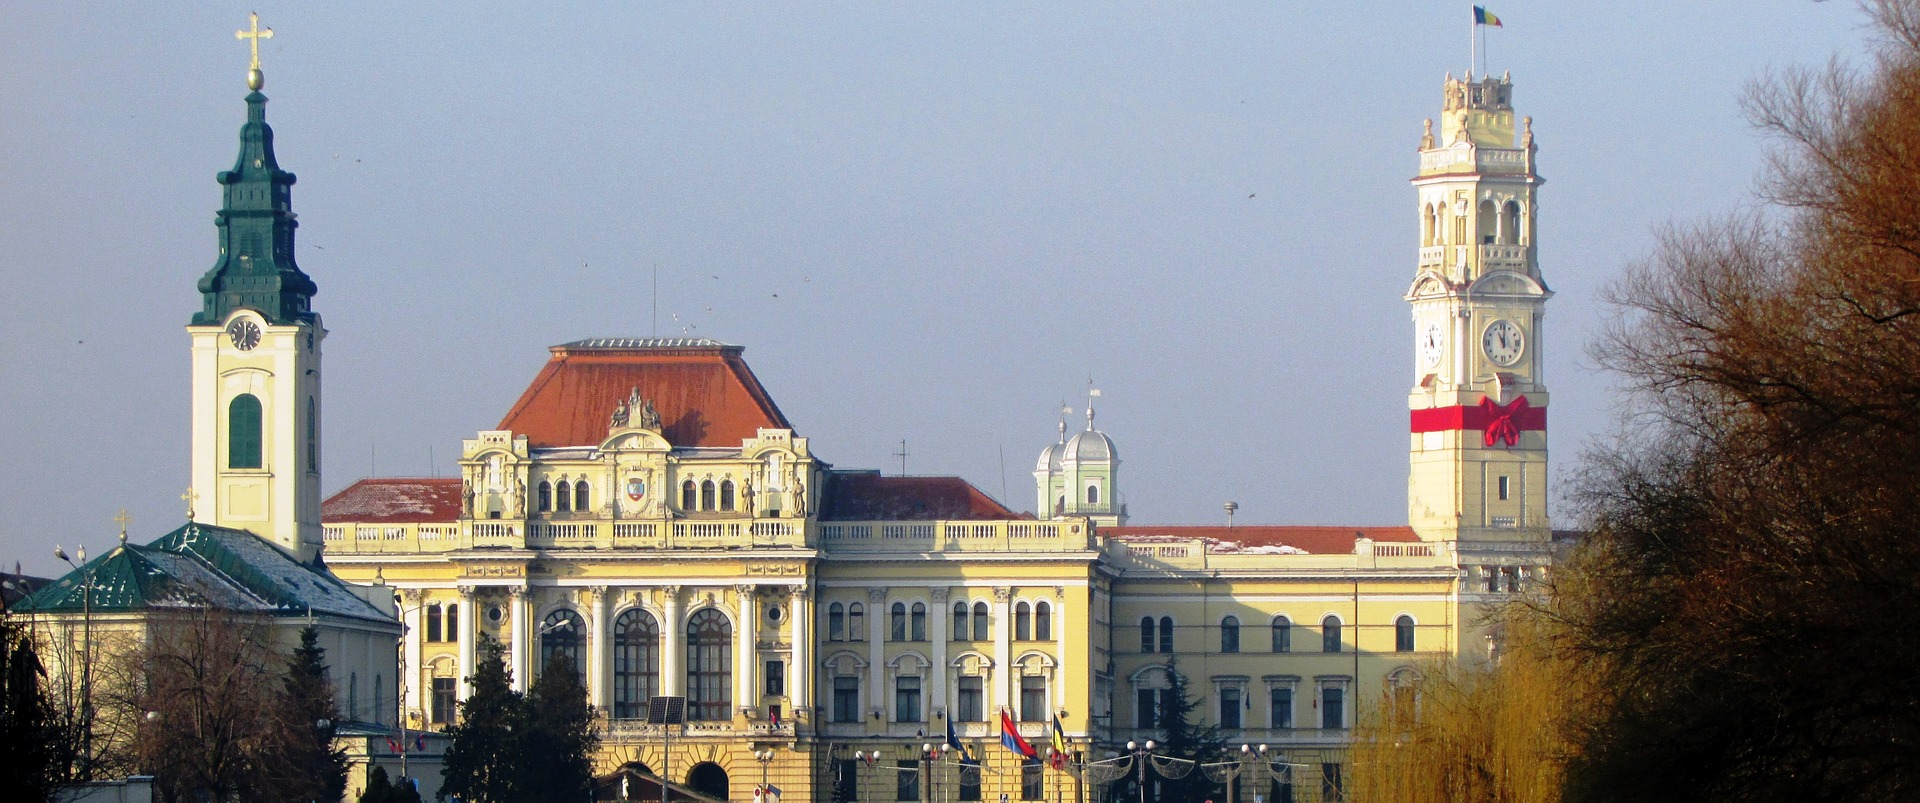 oradea-1098930_1920